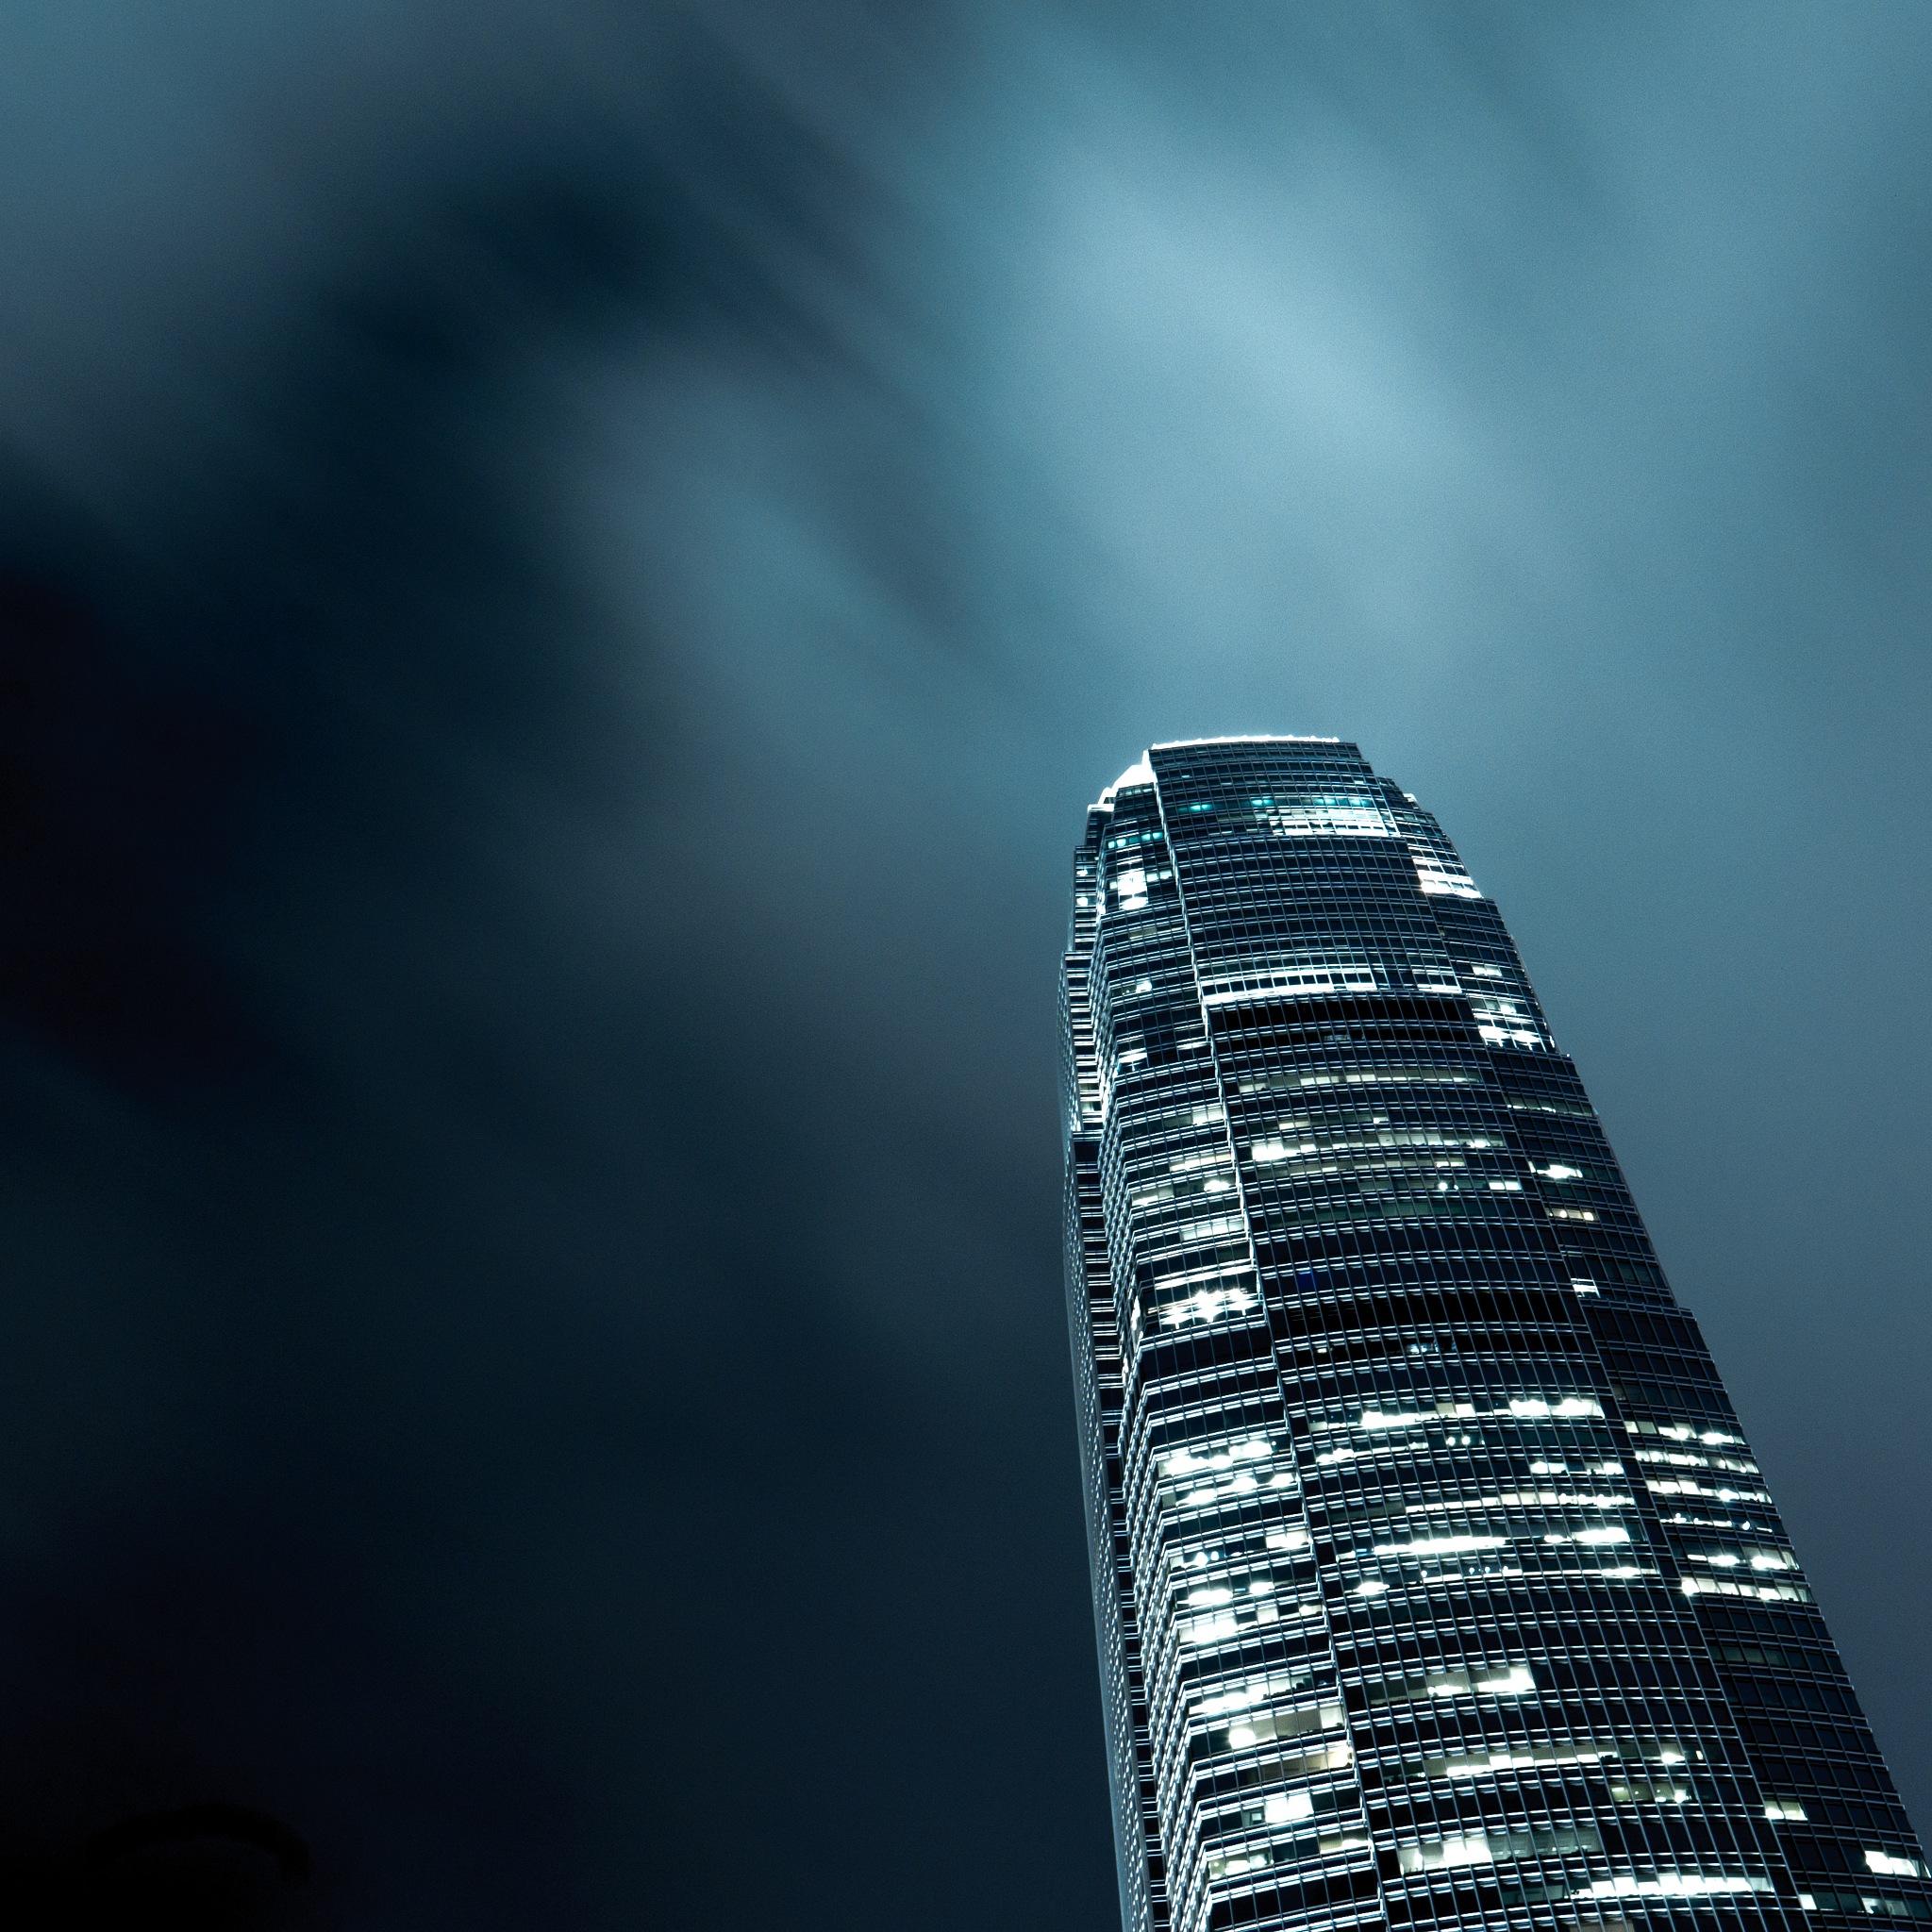 International Financial Centre, Hong Kong by nobu_24